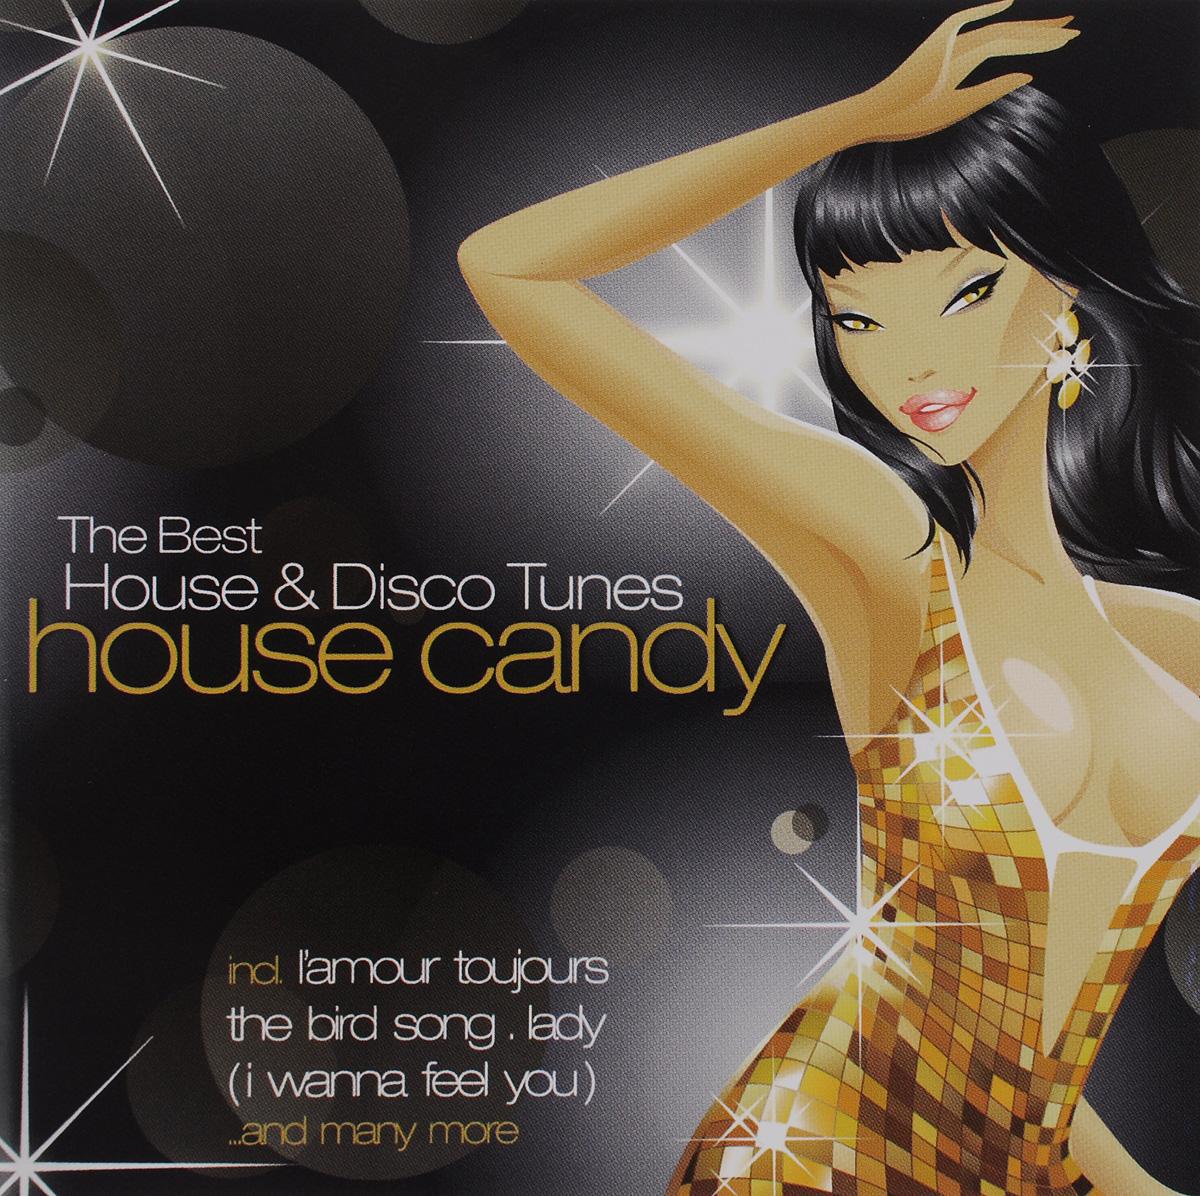 54,Черил Линн,Пол Гетта,Jam & Tonic,Эрик Амадор,Genius,Die Elfen,DJ Sneak,Antoine,DJ Sleazy House Candy - The Best House & Disco Tunes (2 CD) disco house 2016 2 cd